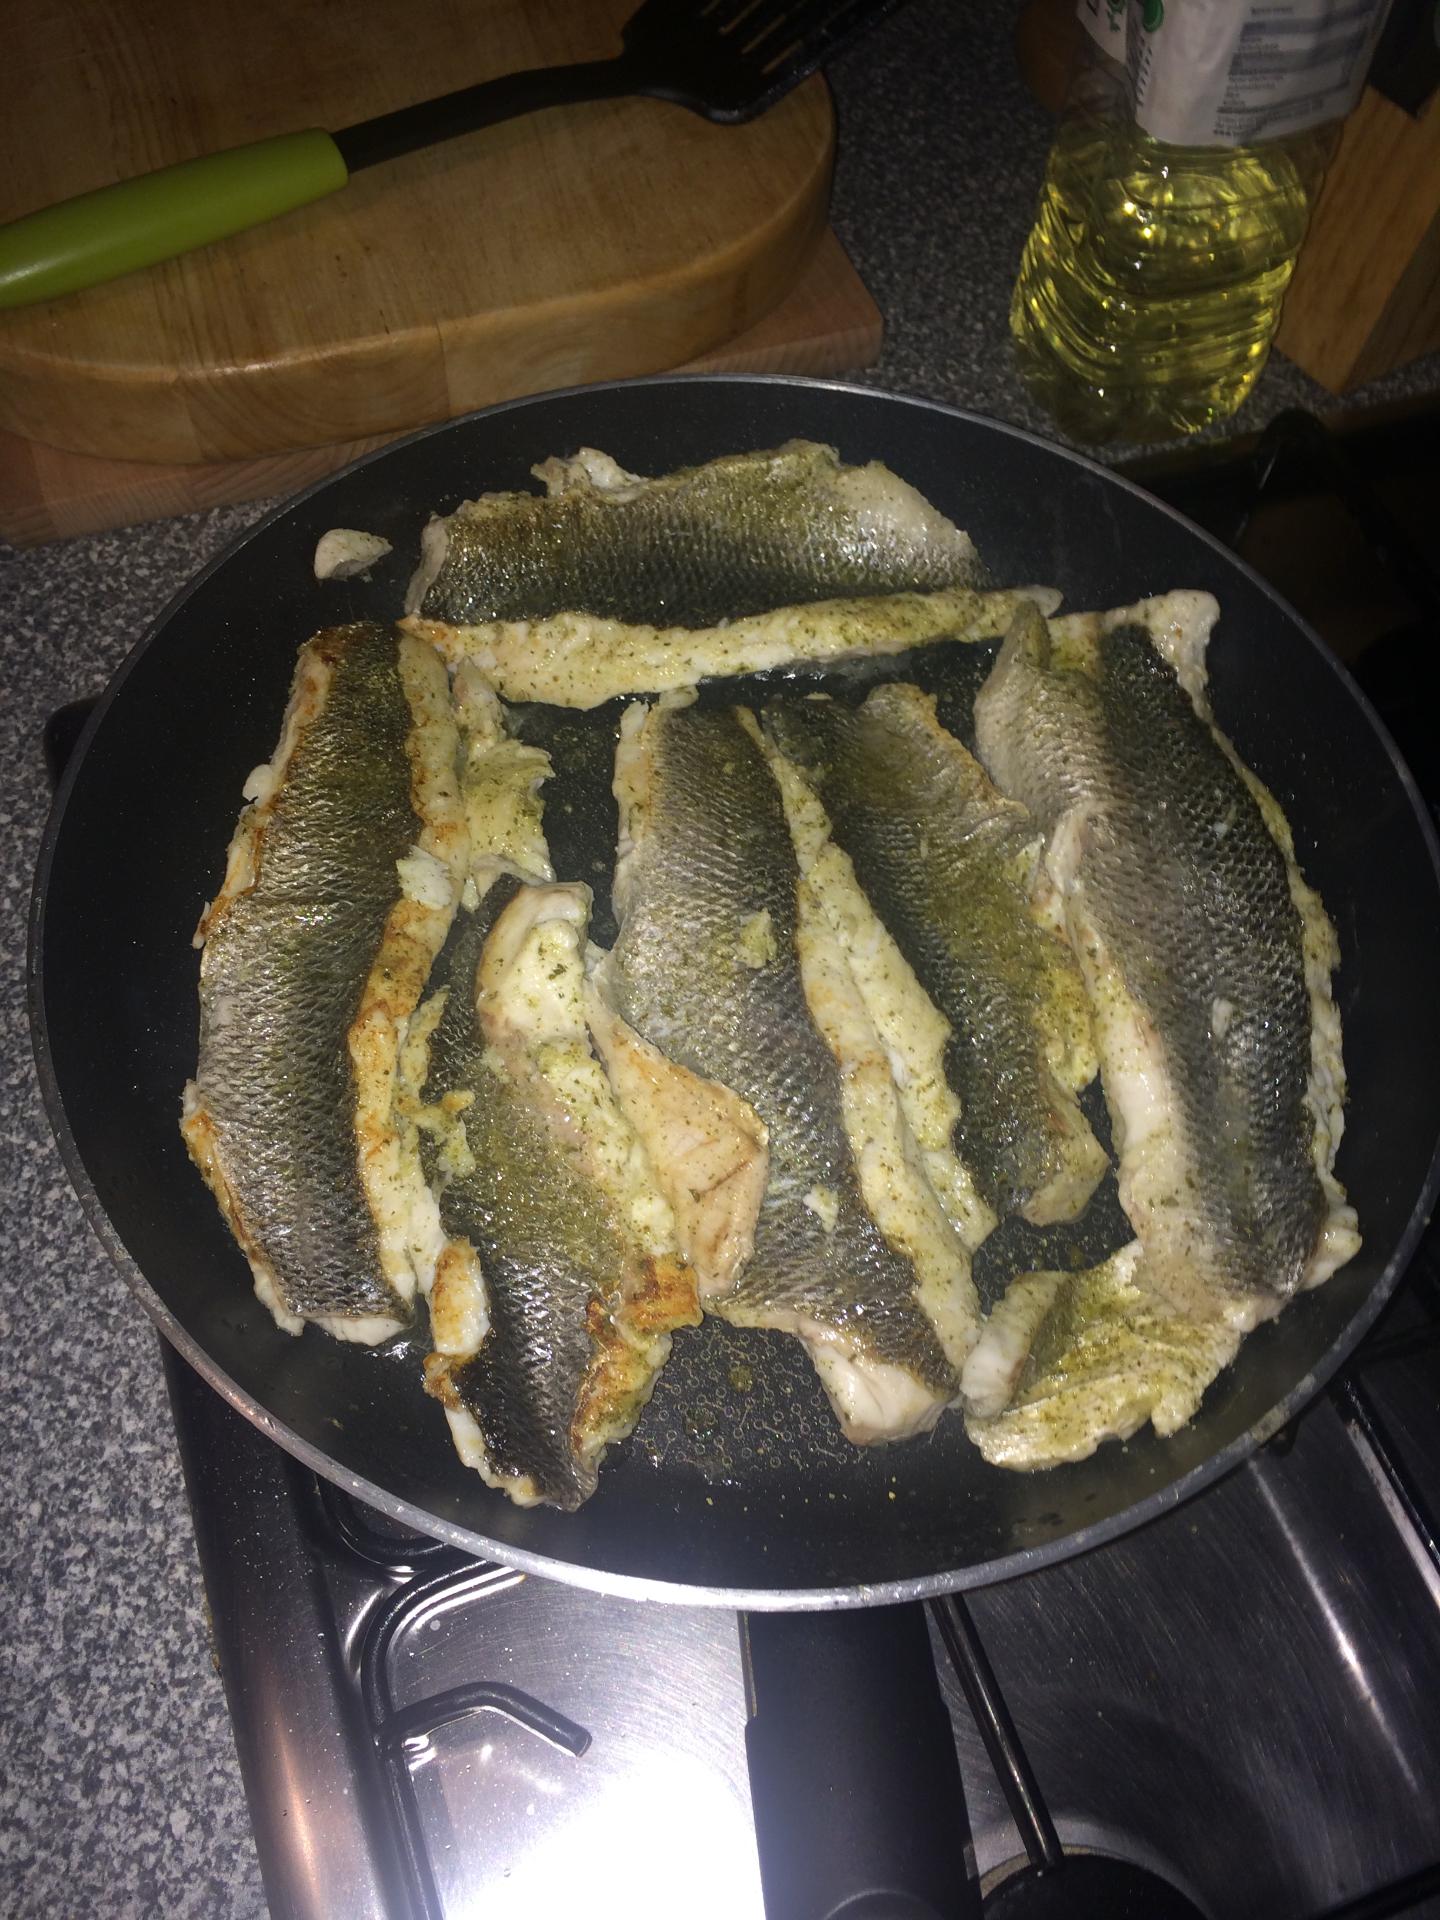 Pan Frying